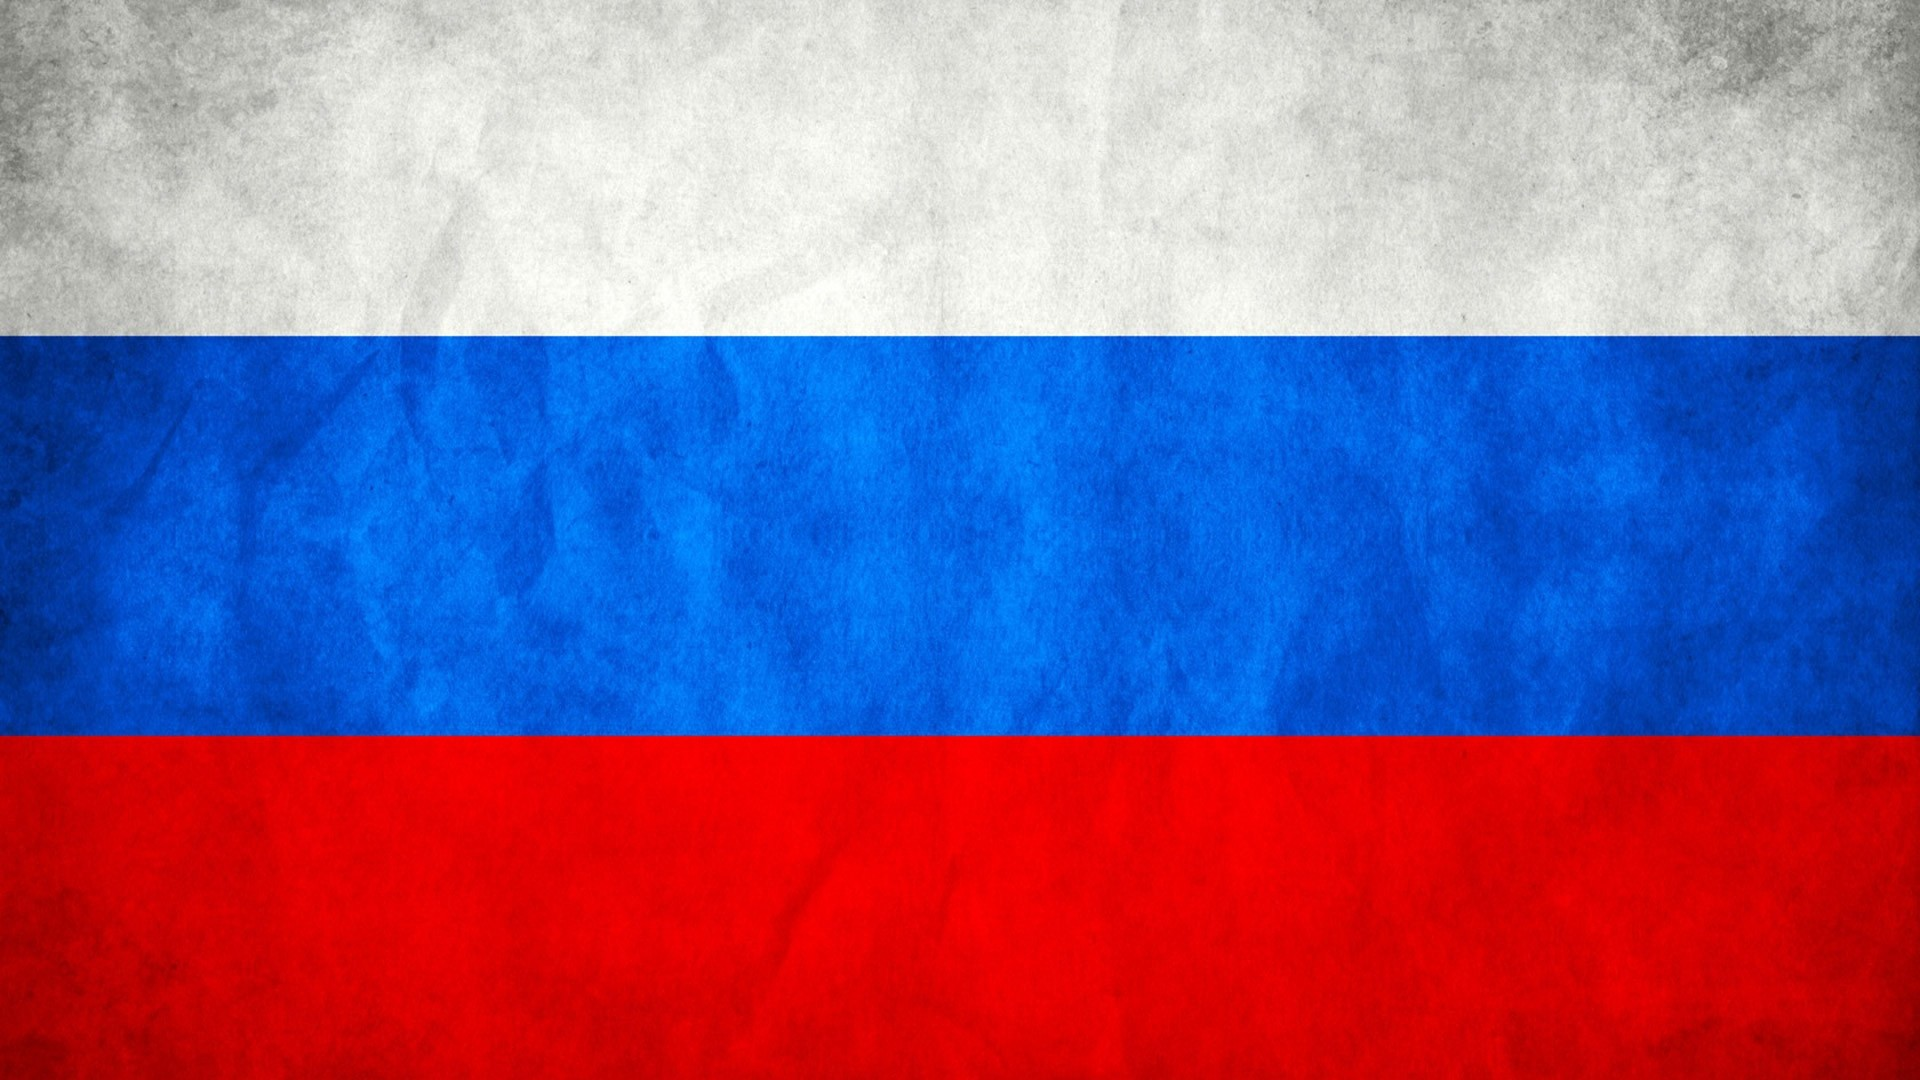 Обои на рабочий стол российская федерация